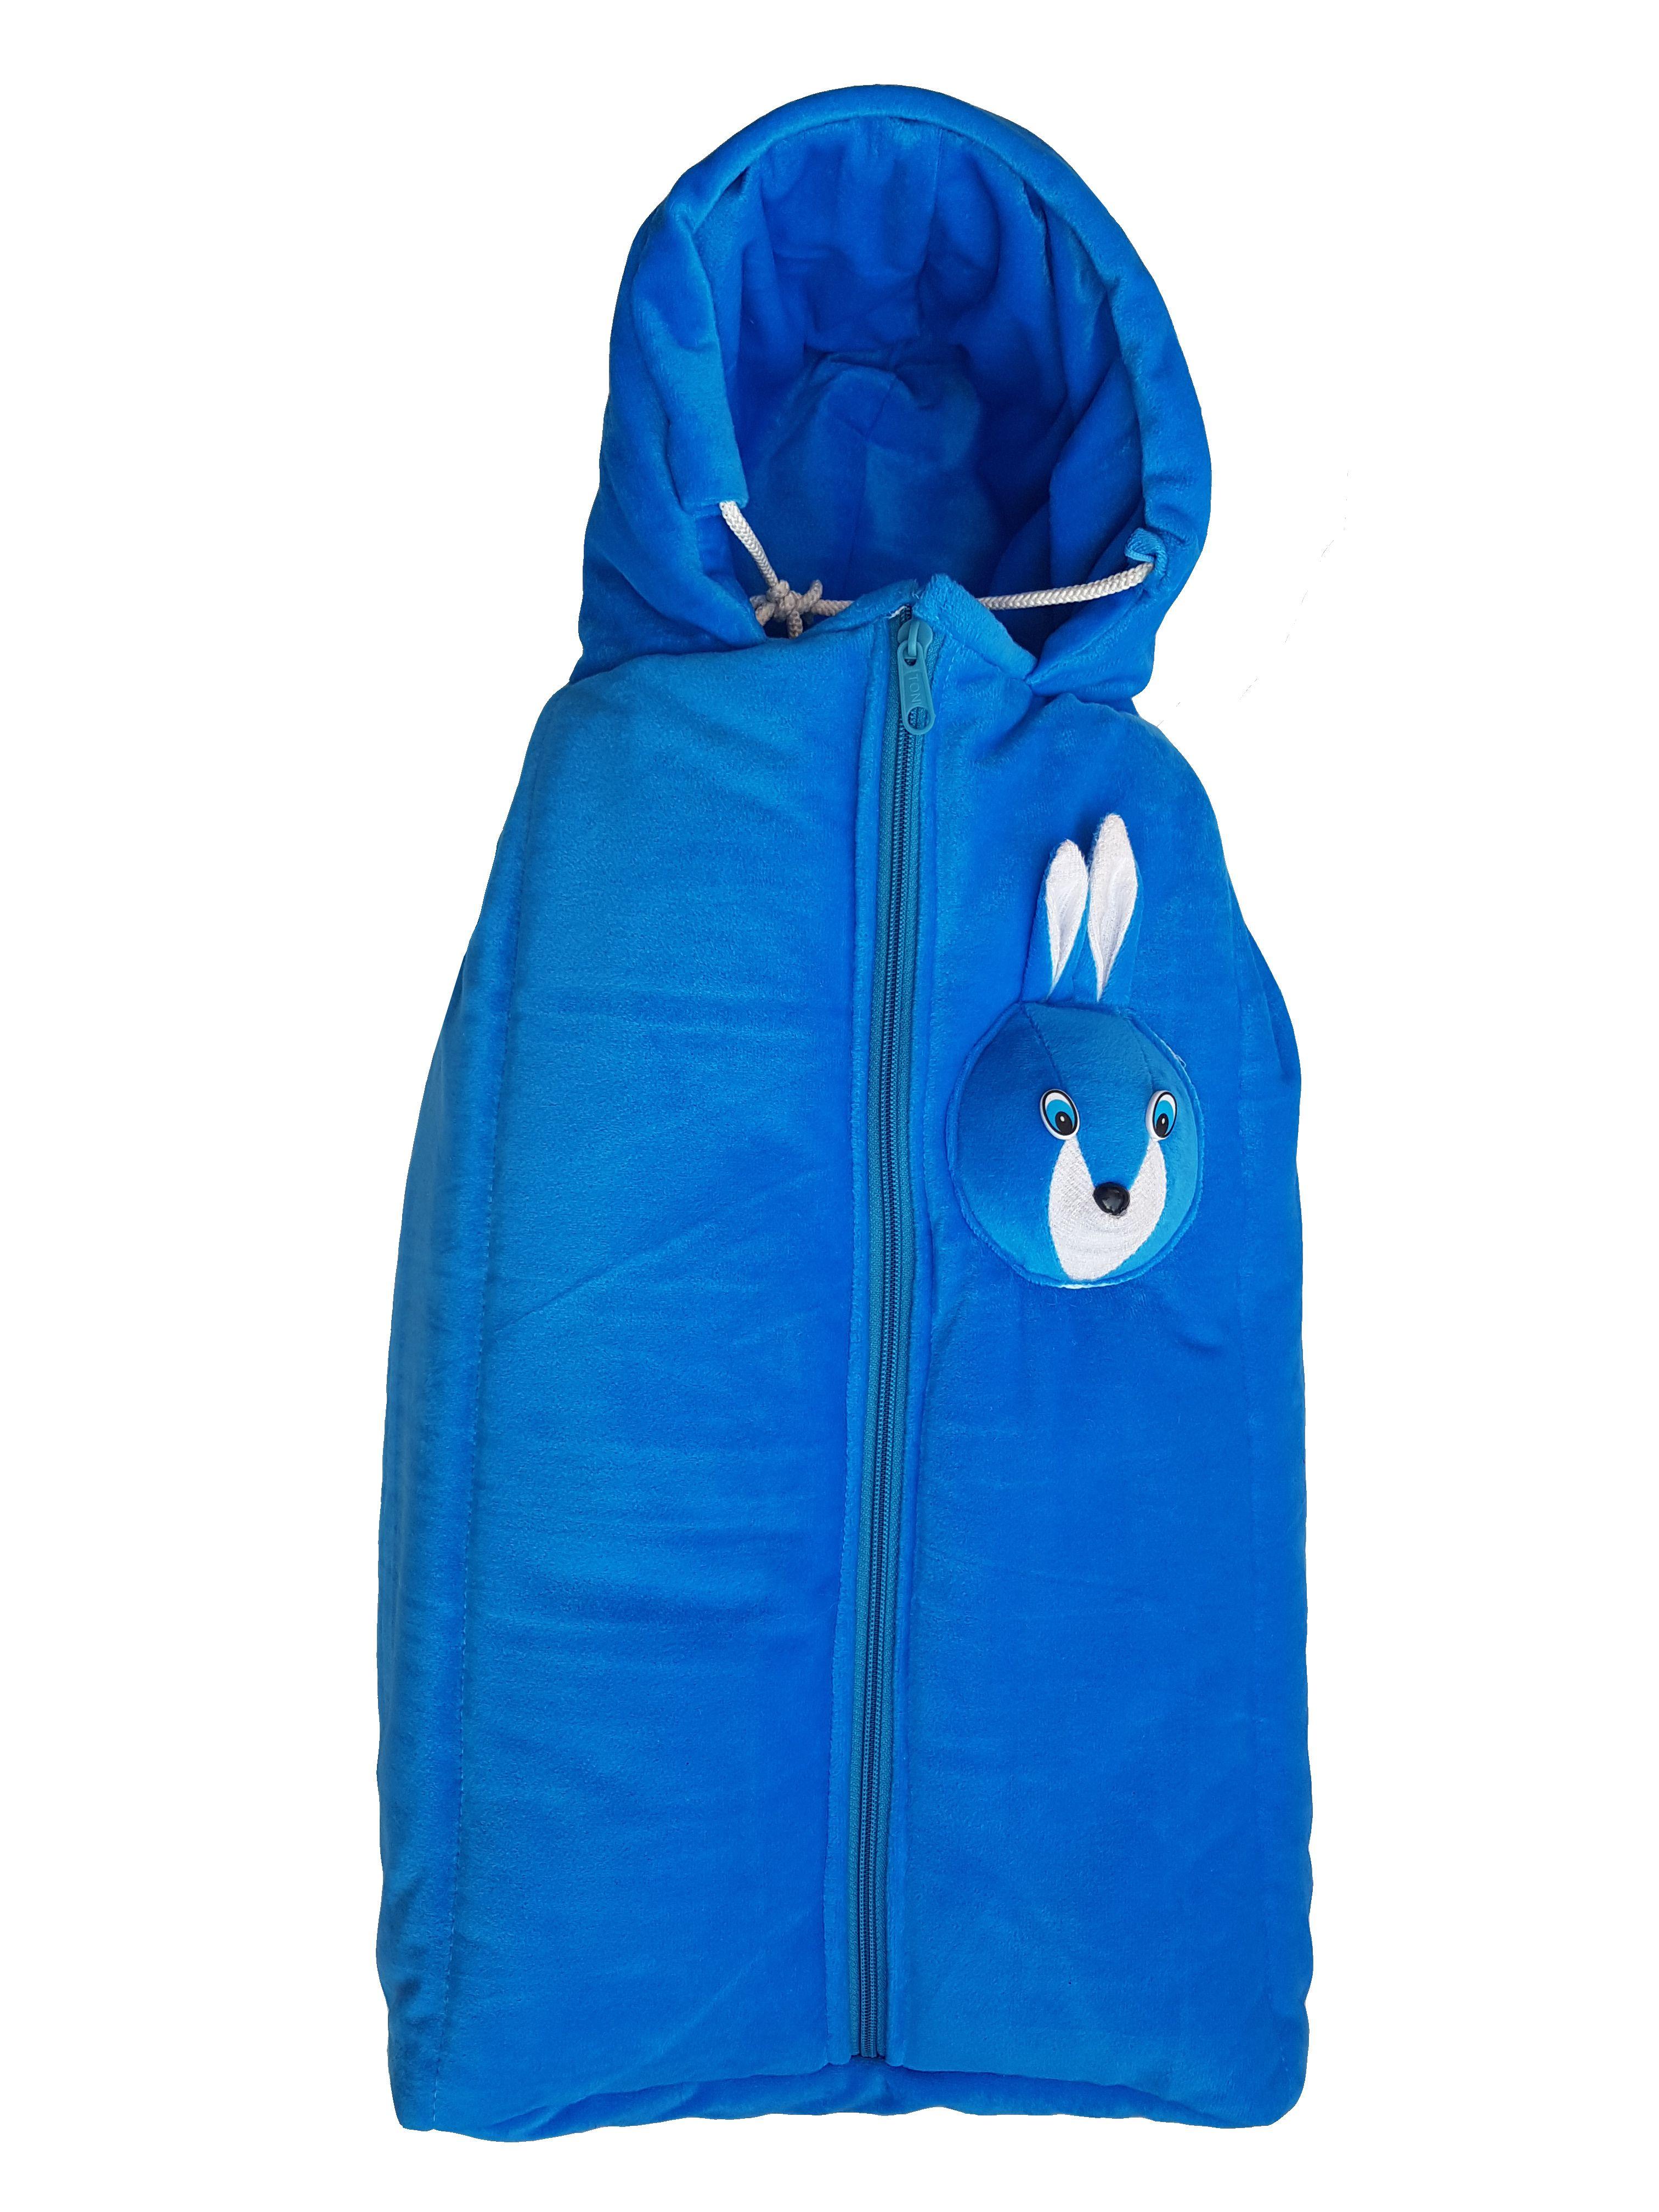 My NewBorn Blue Cotton Sleeping Bags ( 63 cm × 38 cm)